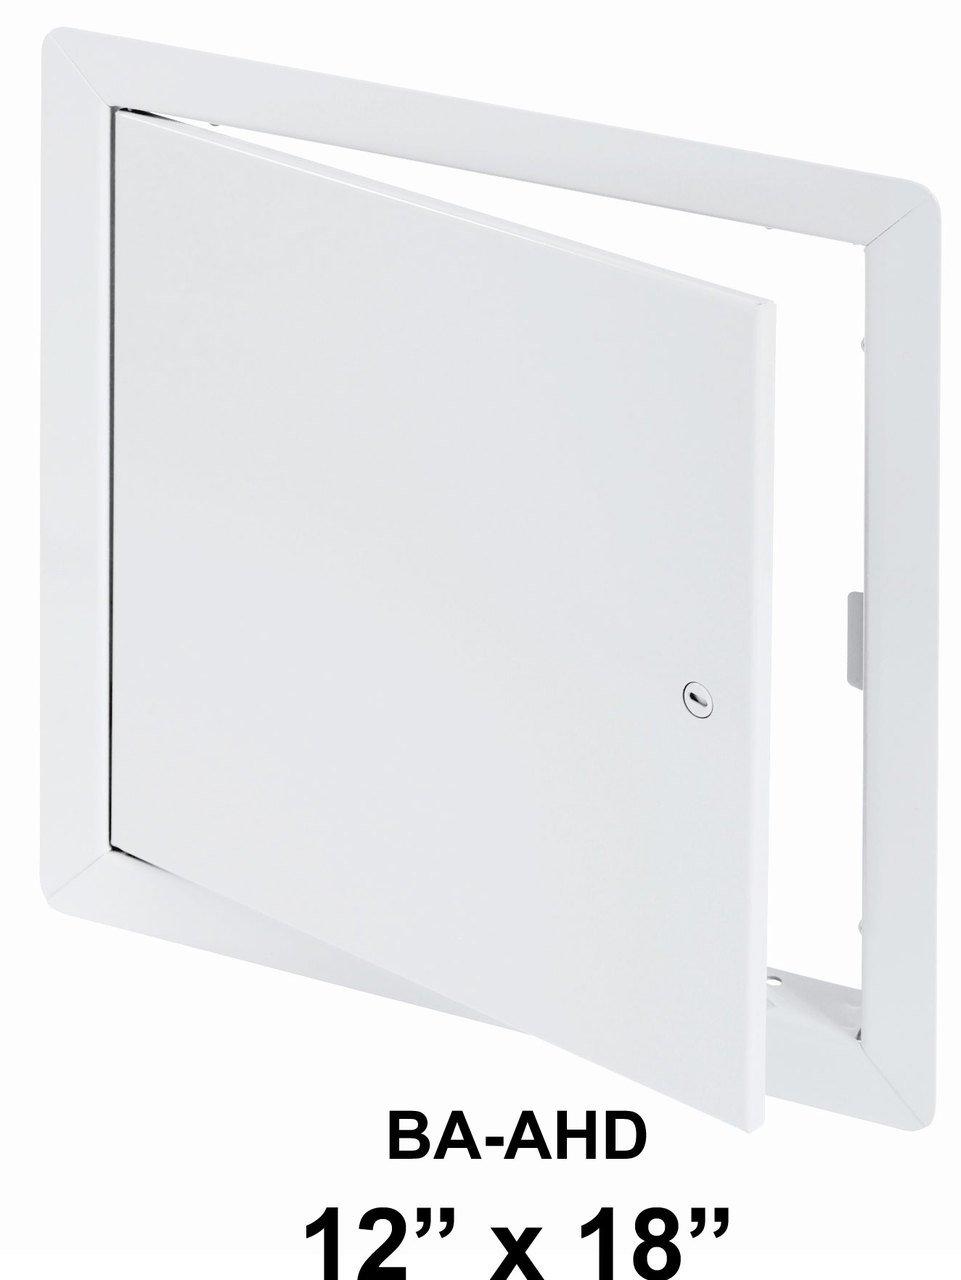 12'' x 18'' General Purpose Access Door with Flange